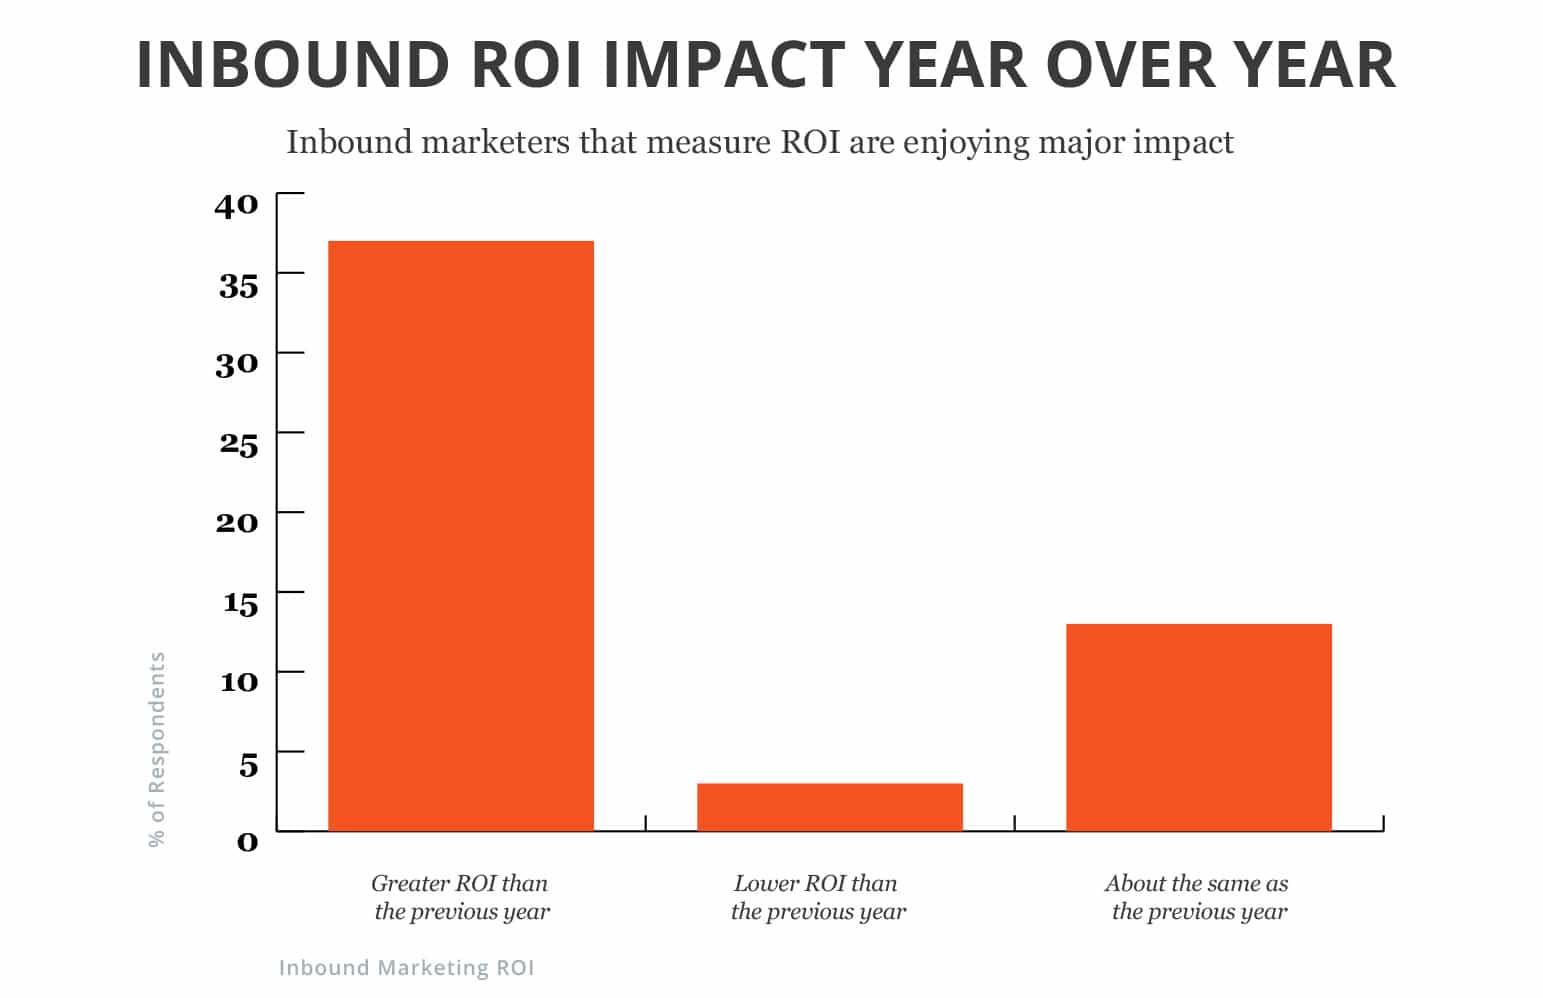 Inbound Marketing ROI Year Over Year